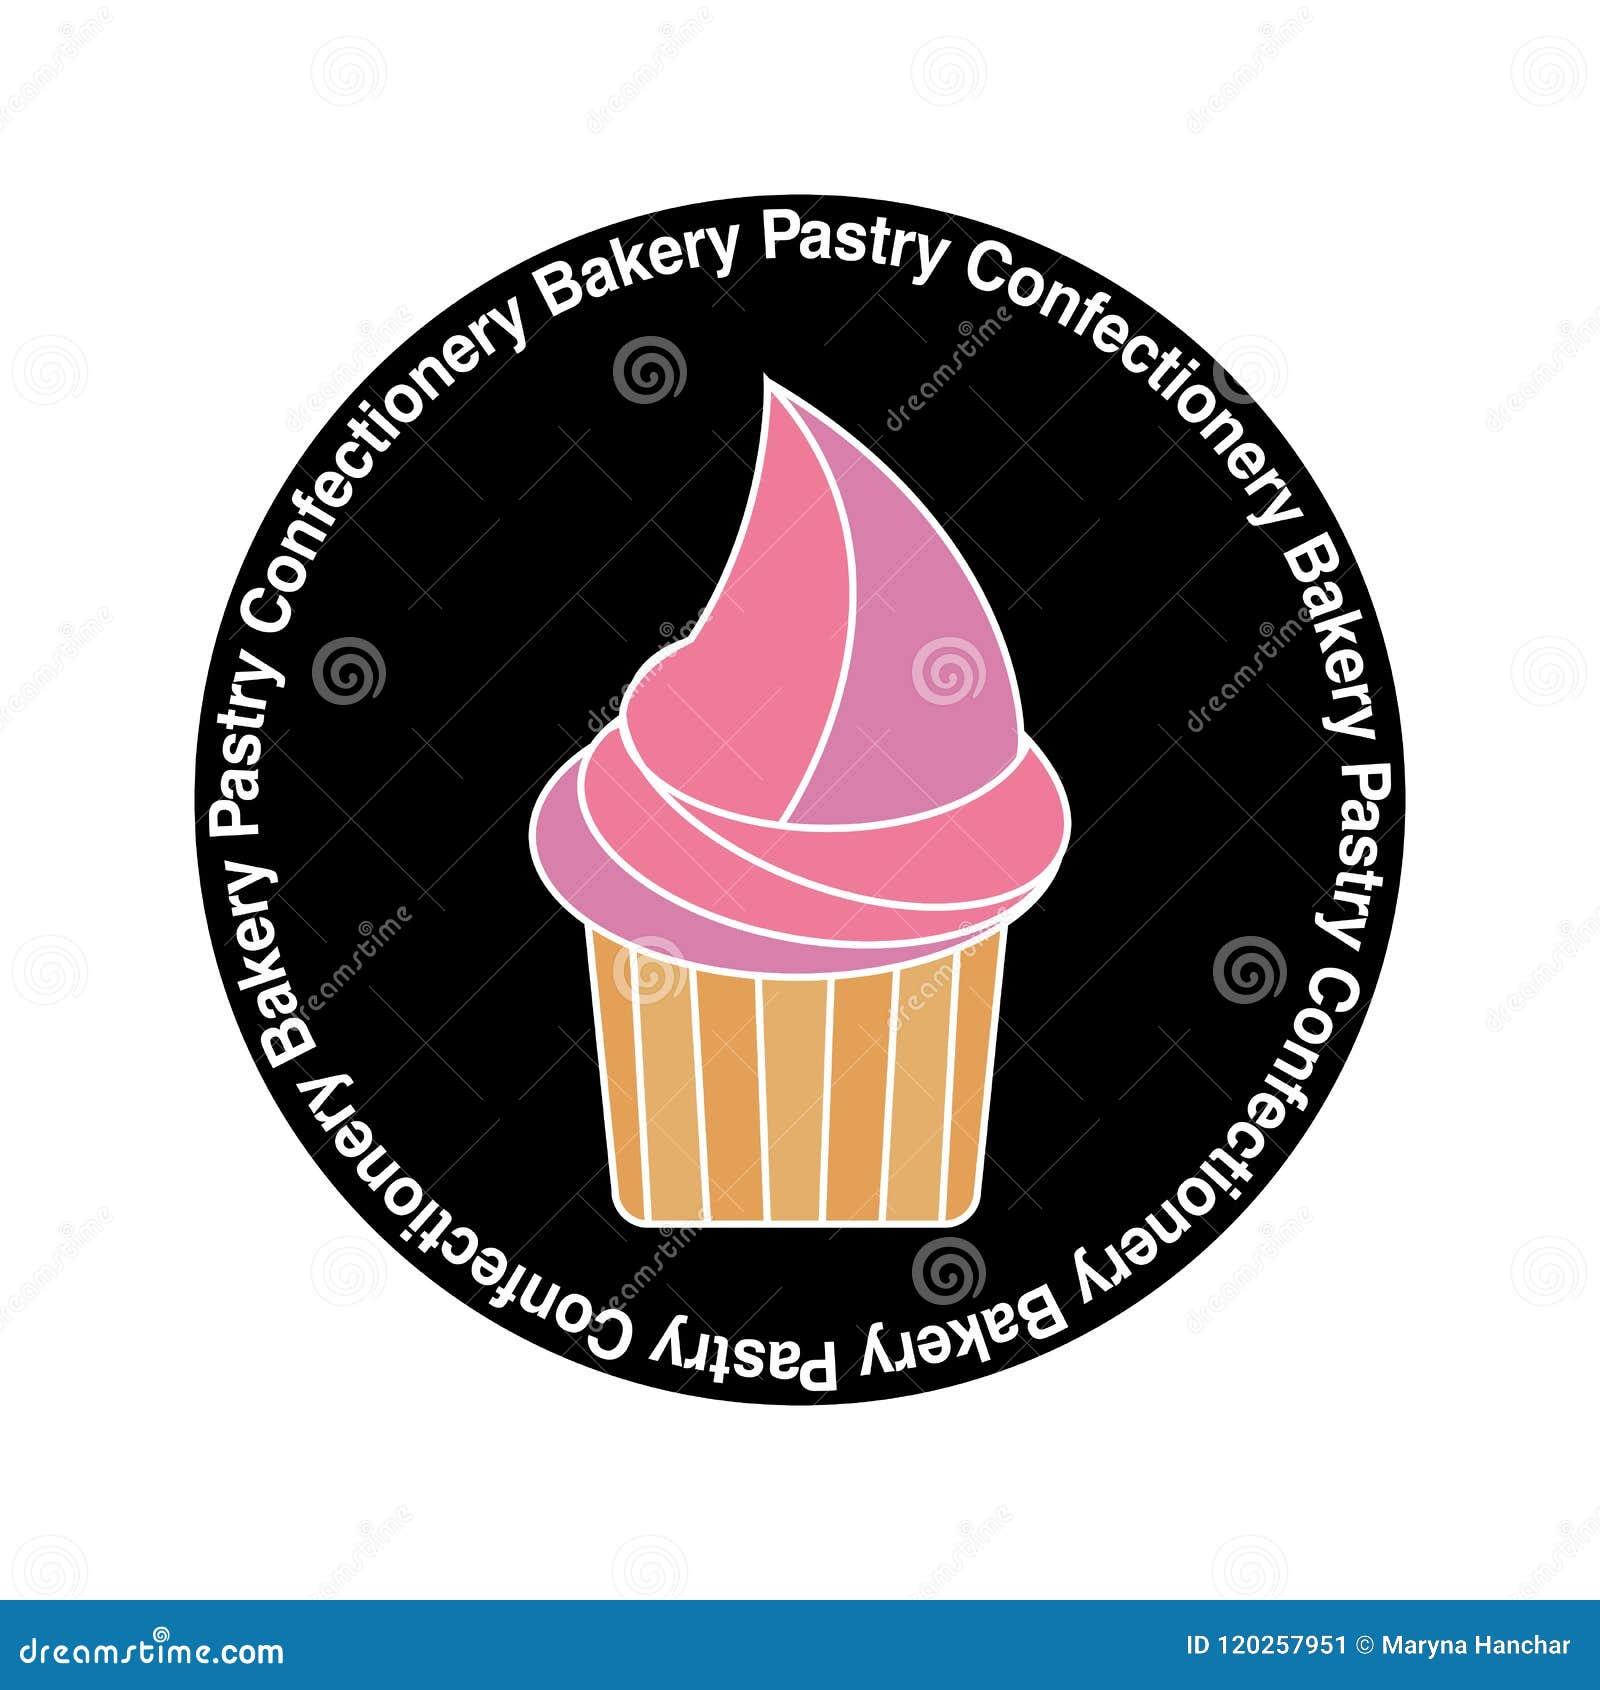 杯形蛋糕商标,贴纸,糖果店的,酥皮点心,面包店商店横幅